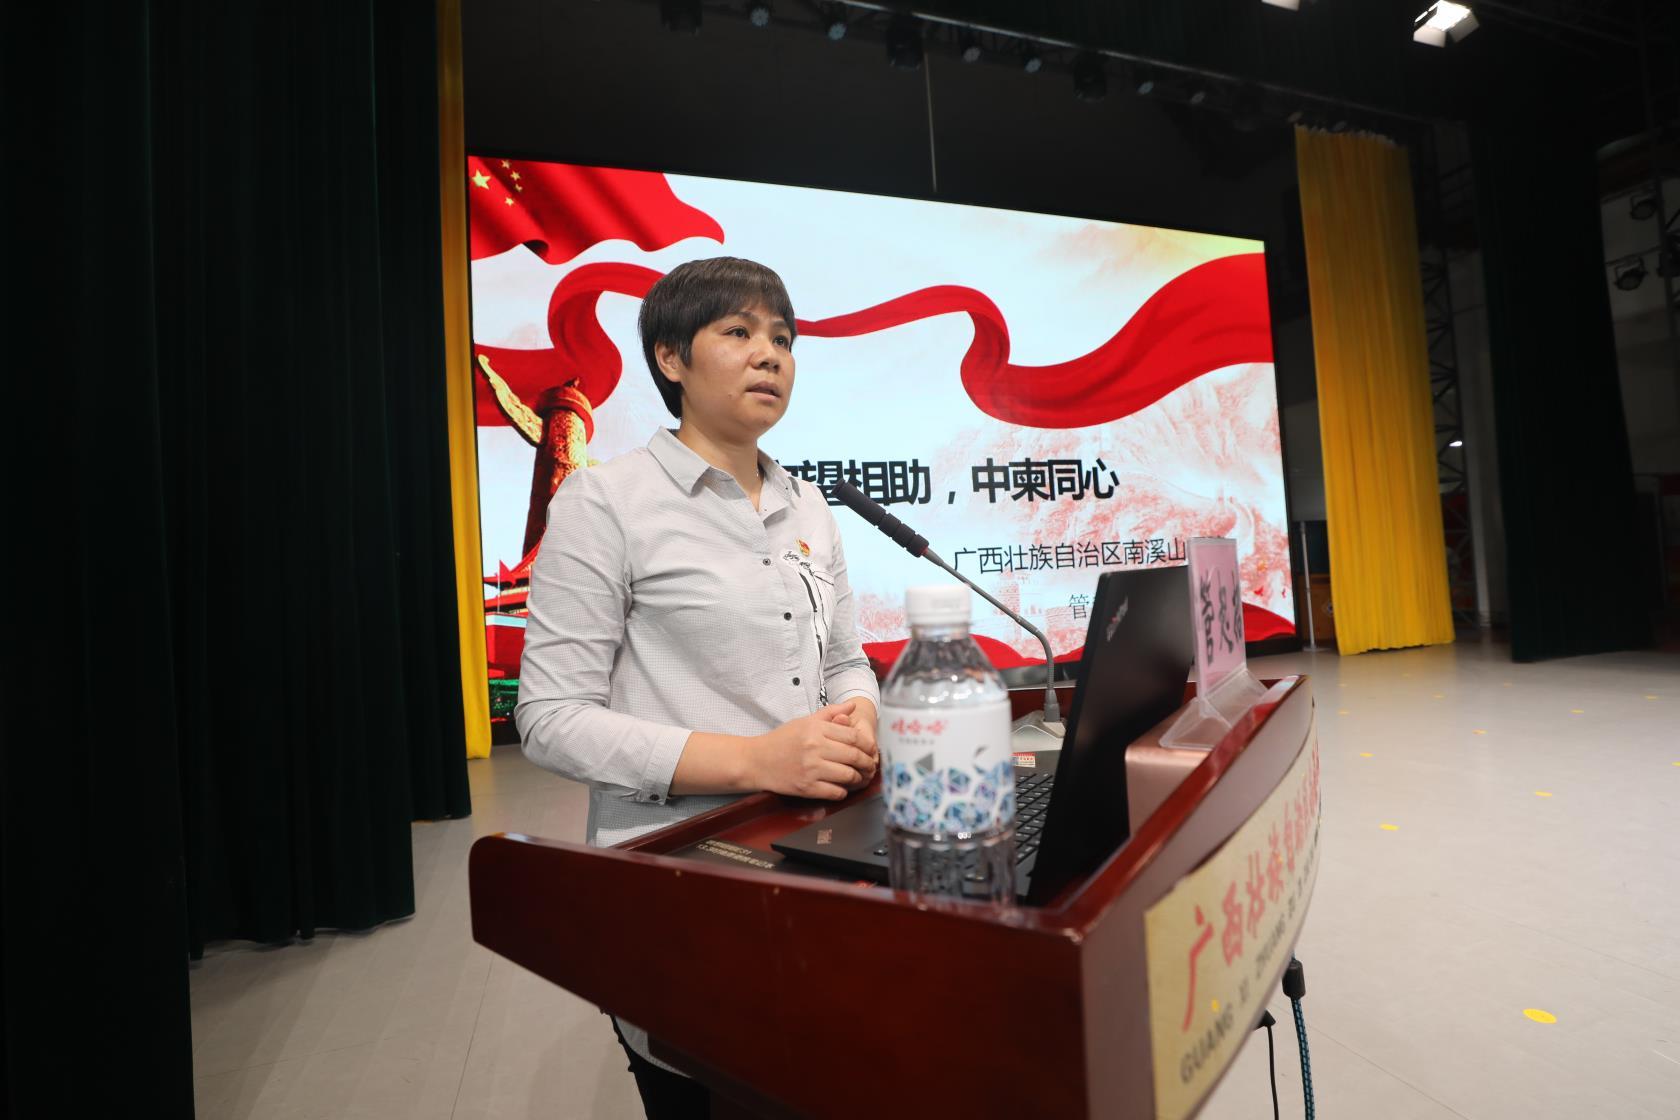 弘扬战疫精神 凝聚发展力量 自治区南溪山医院开展主题党日活动